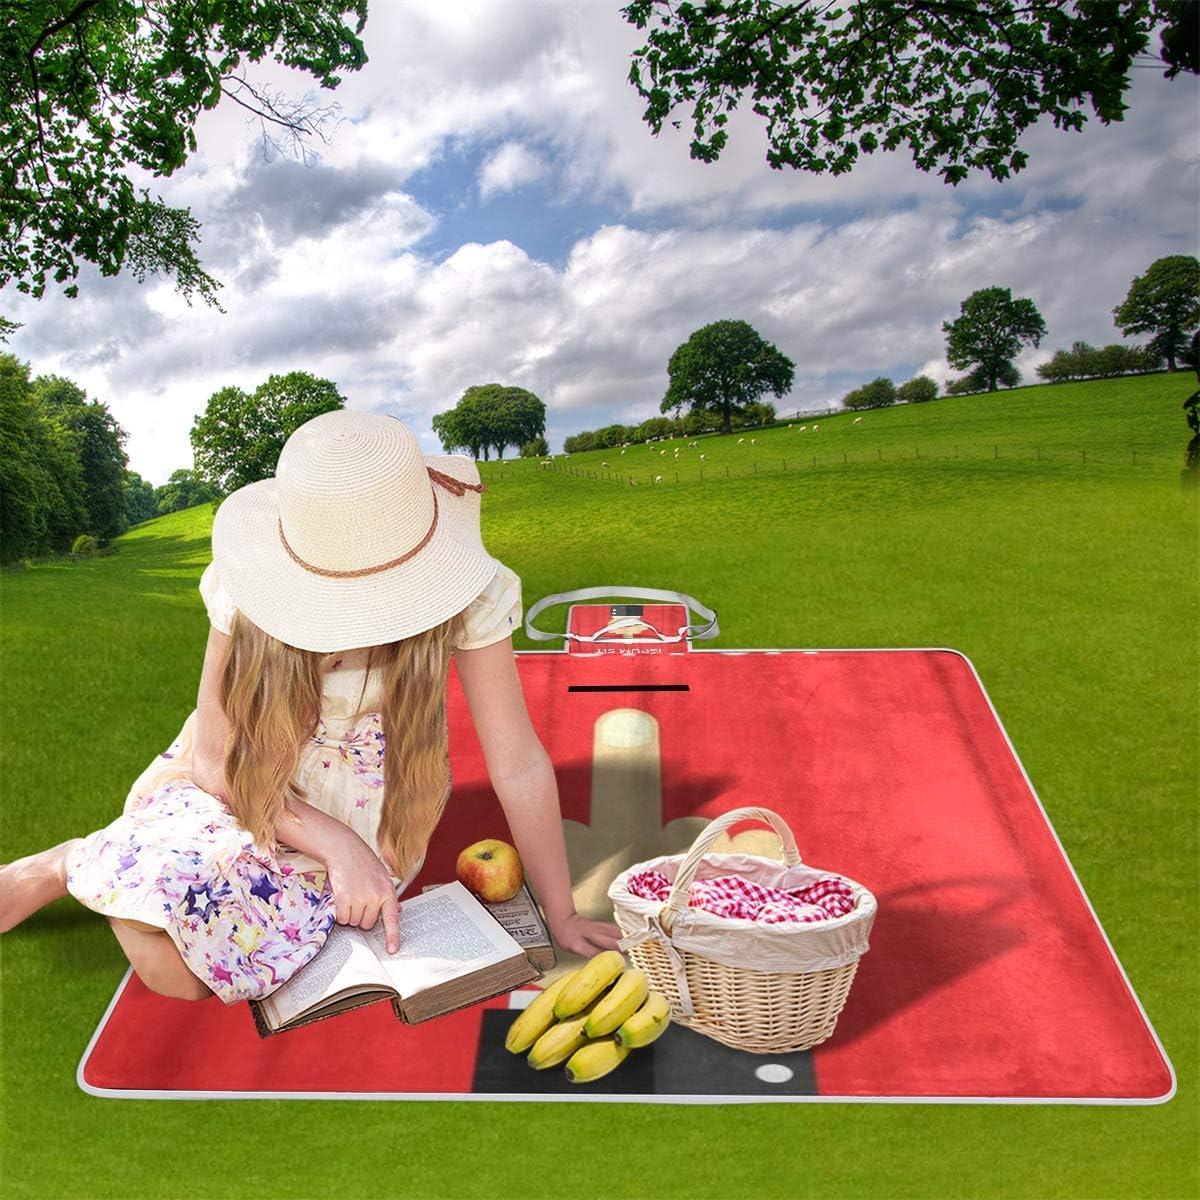 XINGAKA Couverture de Pique-Nique,Doigt du Milieu Rouge Abstrait baise Vous signez Un abus,Tapis Idéale pour Plage Jardin Parc Camping 16